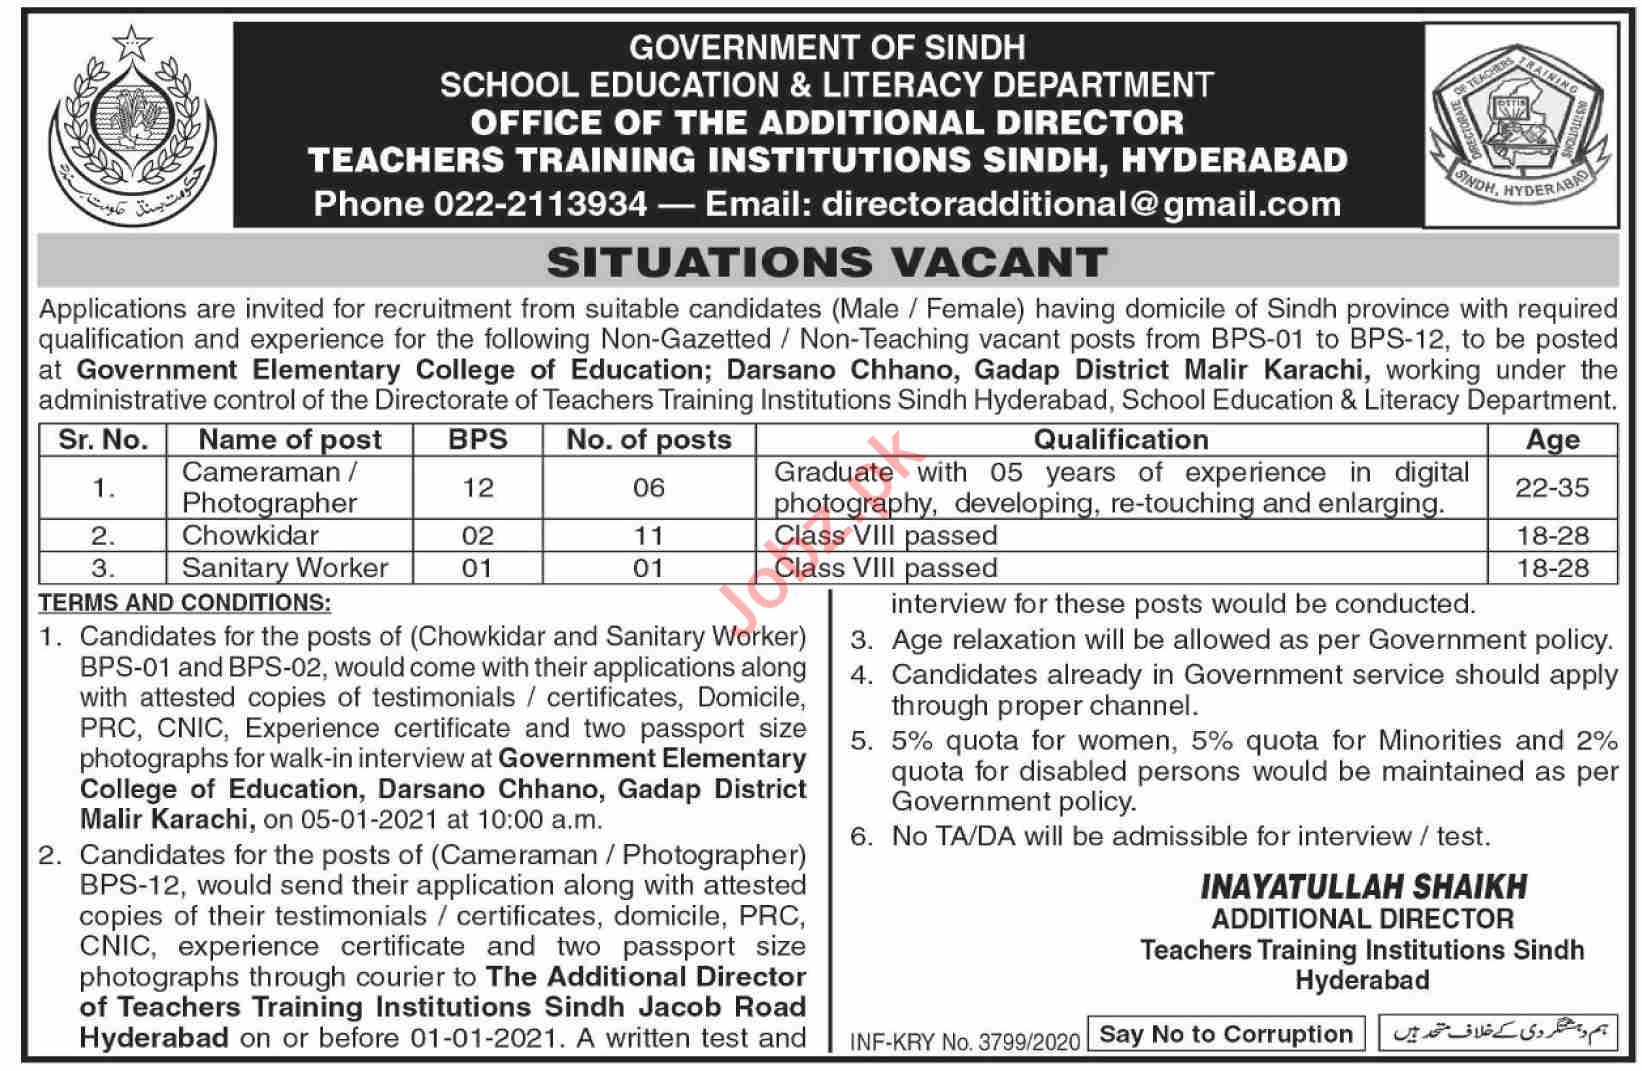 Teachers Training Institute Sindh Hyderabad Jobs 2021